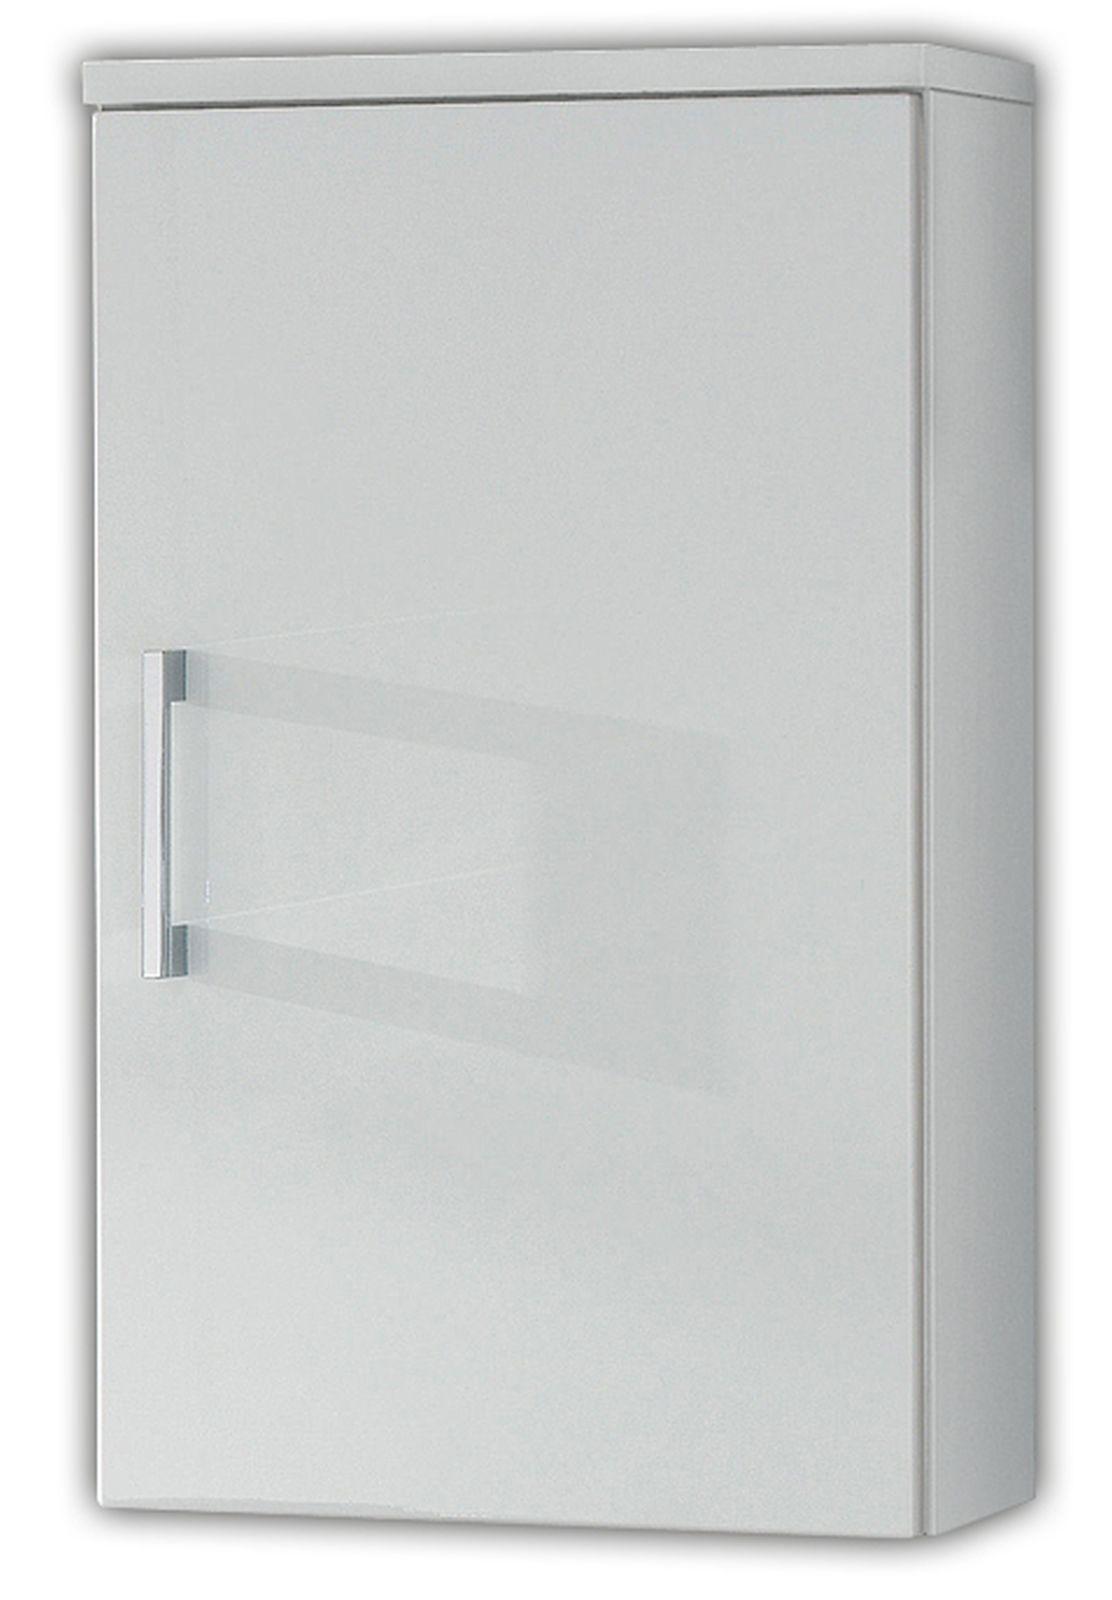 Badschrank 40 Cm Breit Badschrank Hoch Und Schmal